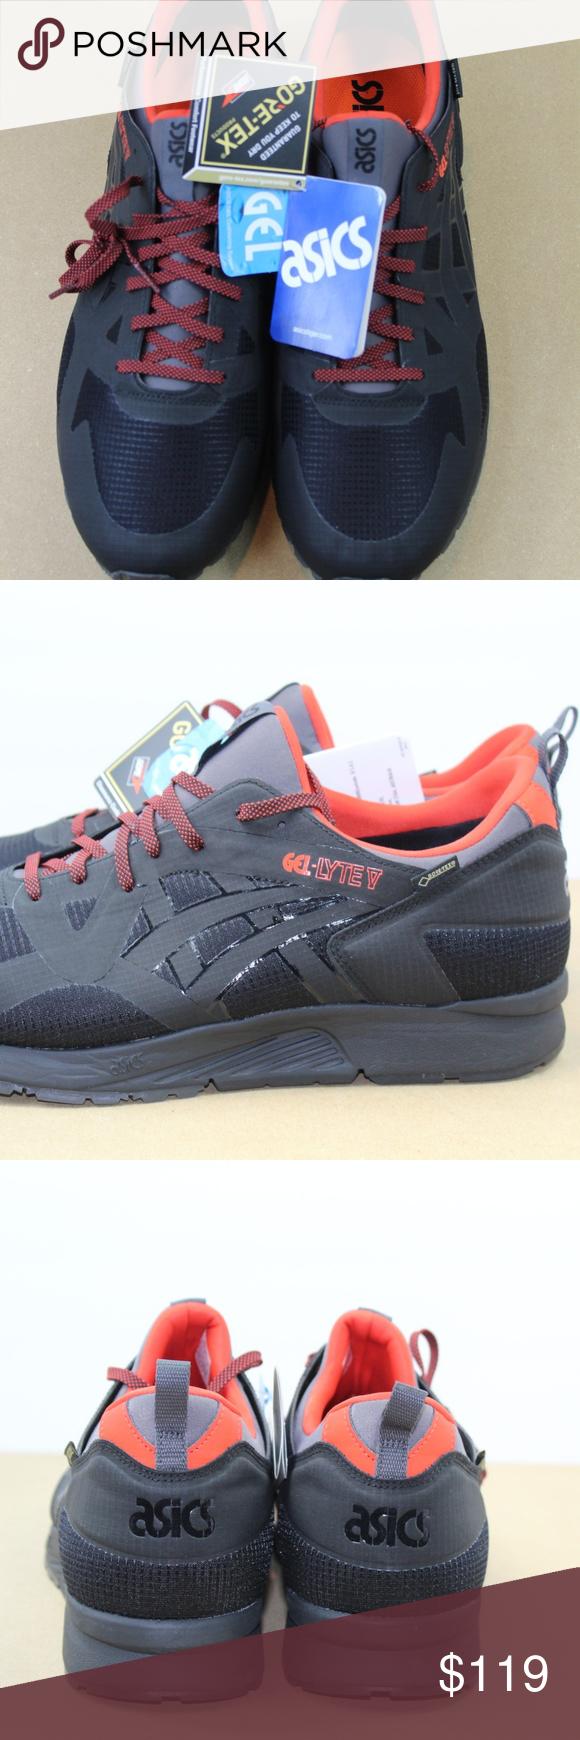 a1aa118e786dd Asics Gel Lyte V NS G-Tx Gore Tex Running Shoe Asics Gel Lyte V